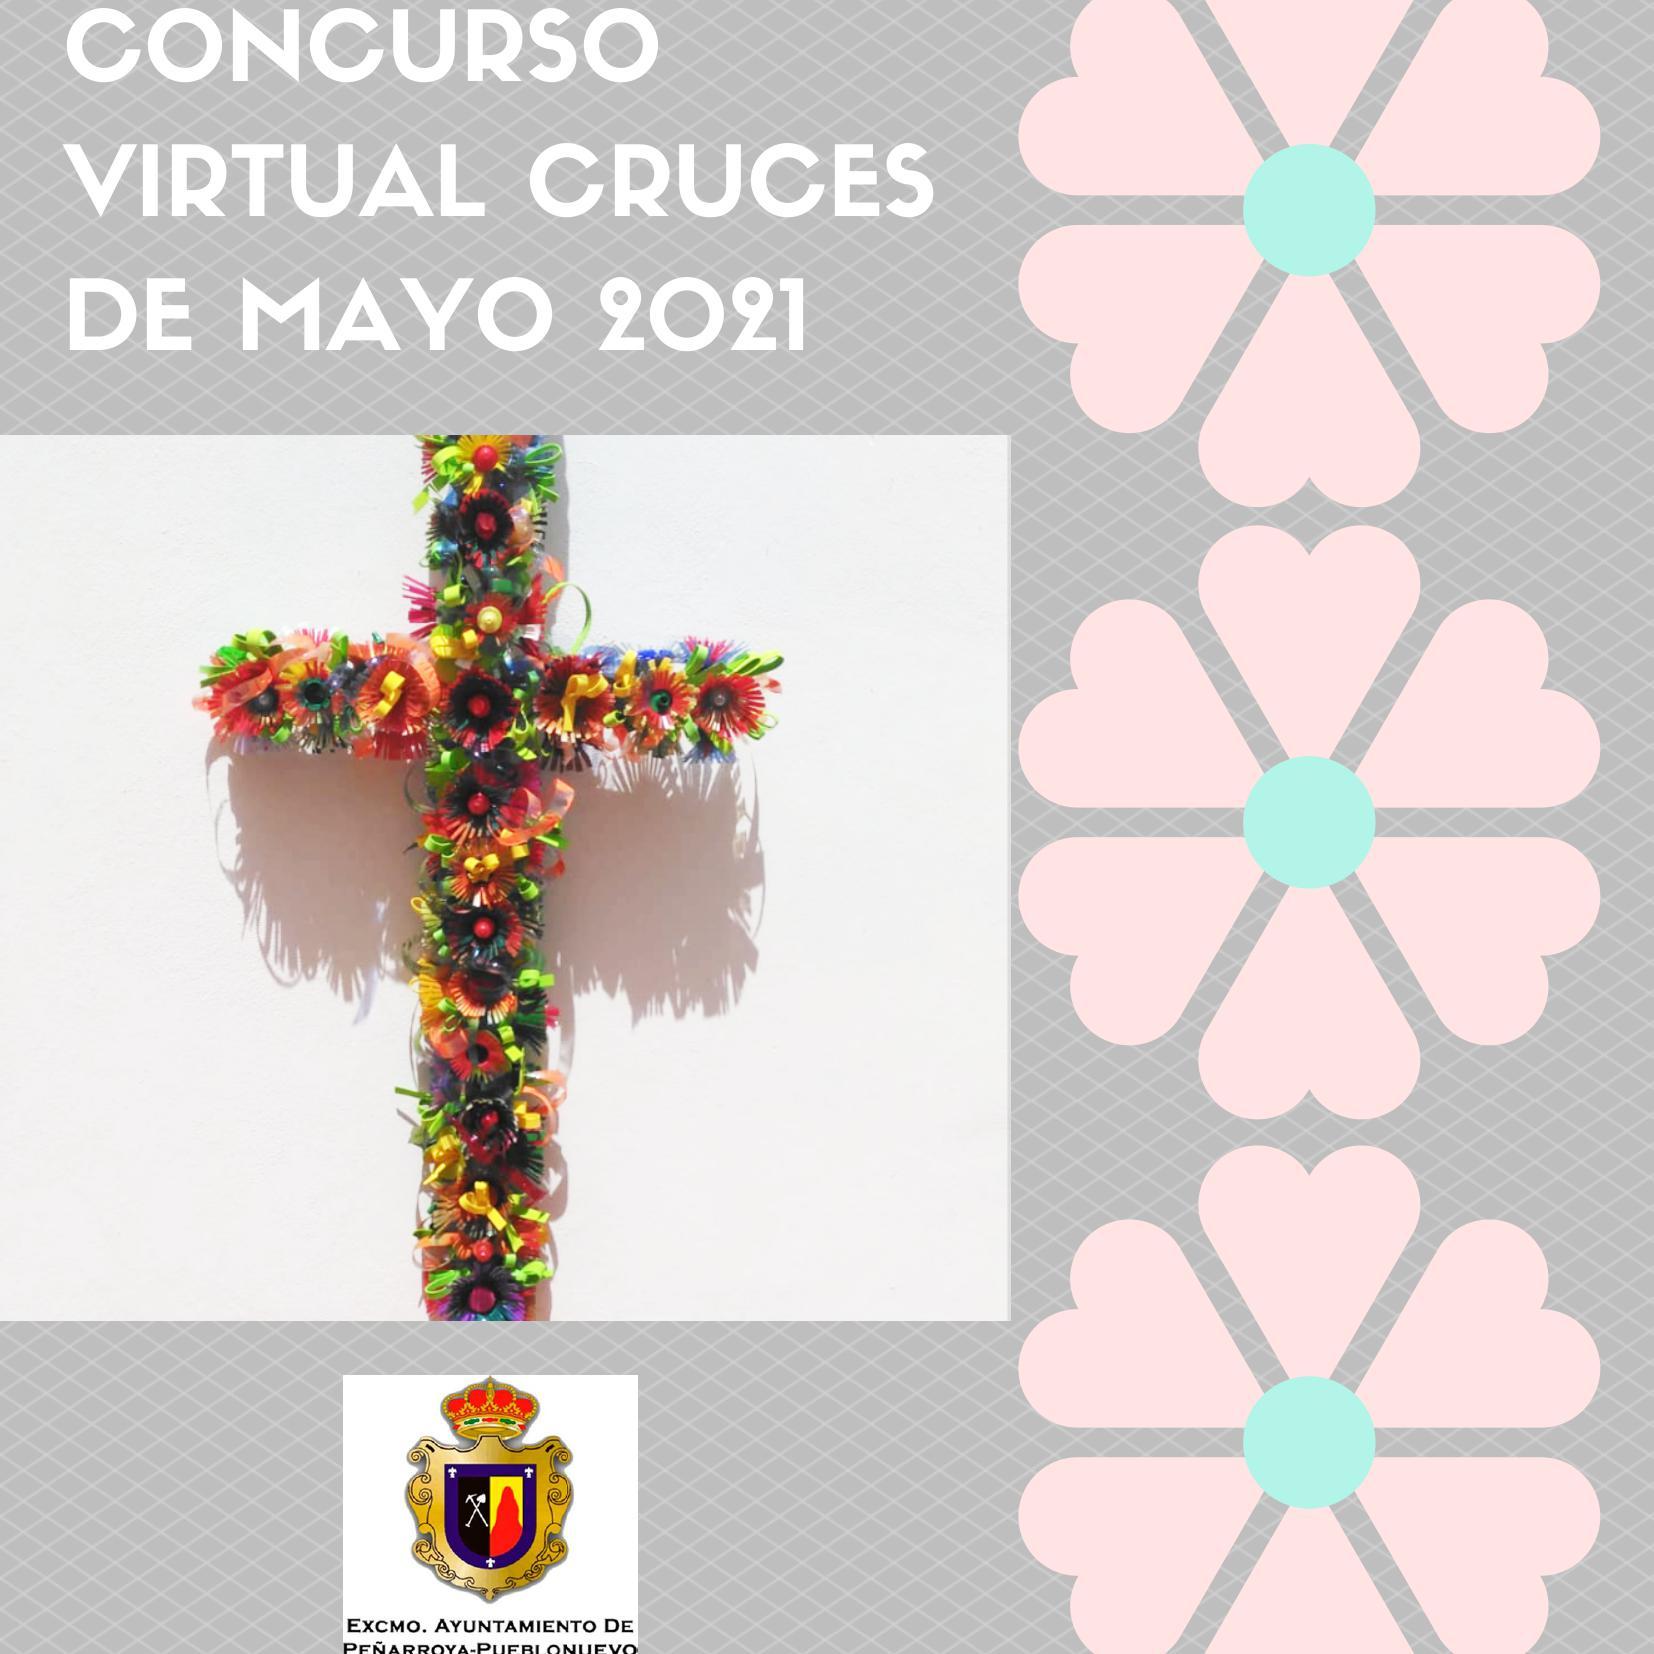 BASES DEL CONCURSO DE CRUCES DE MAYO 2021 PEÑARROYA-PUEBLONUEVO